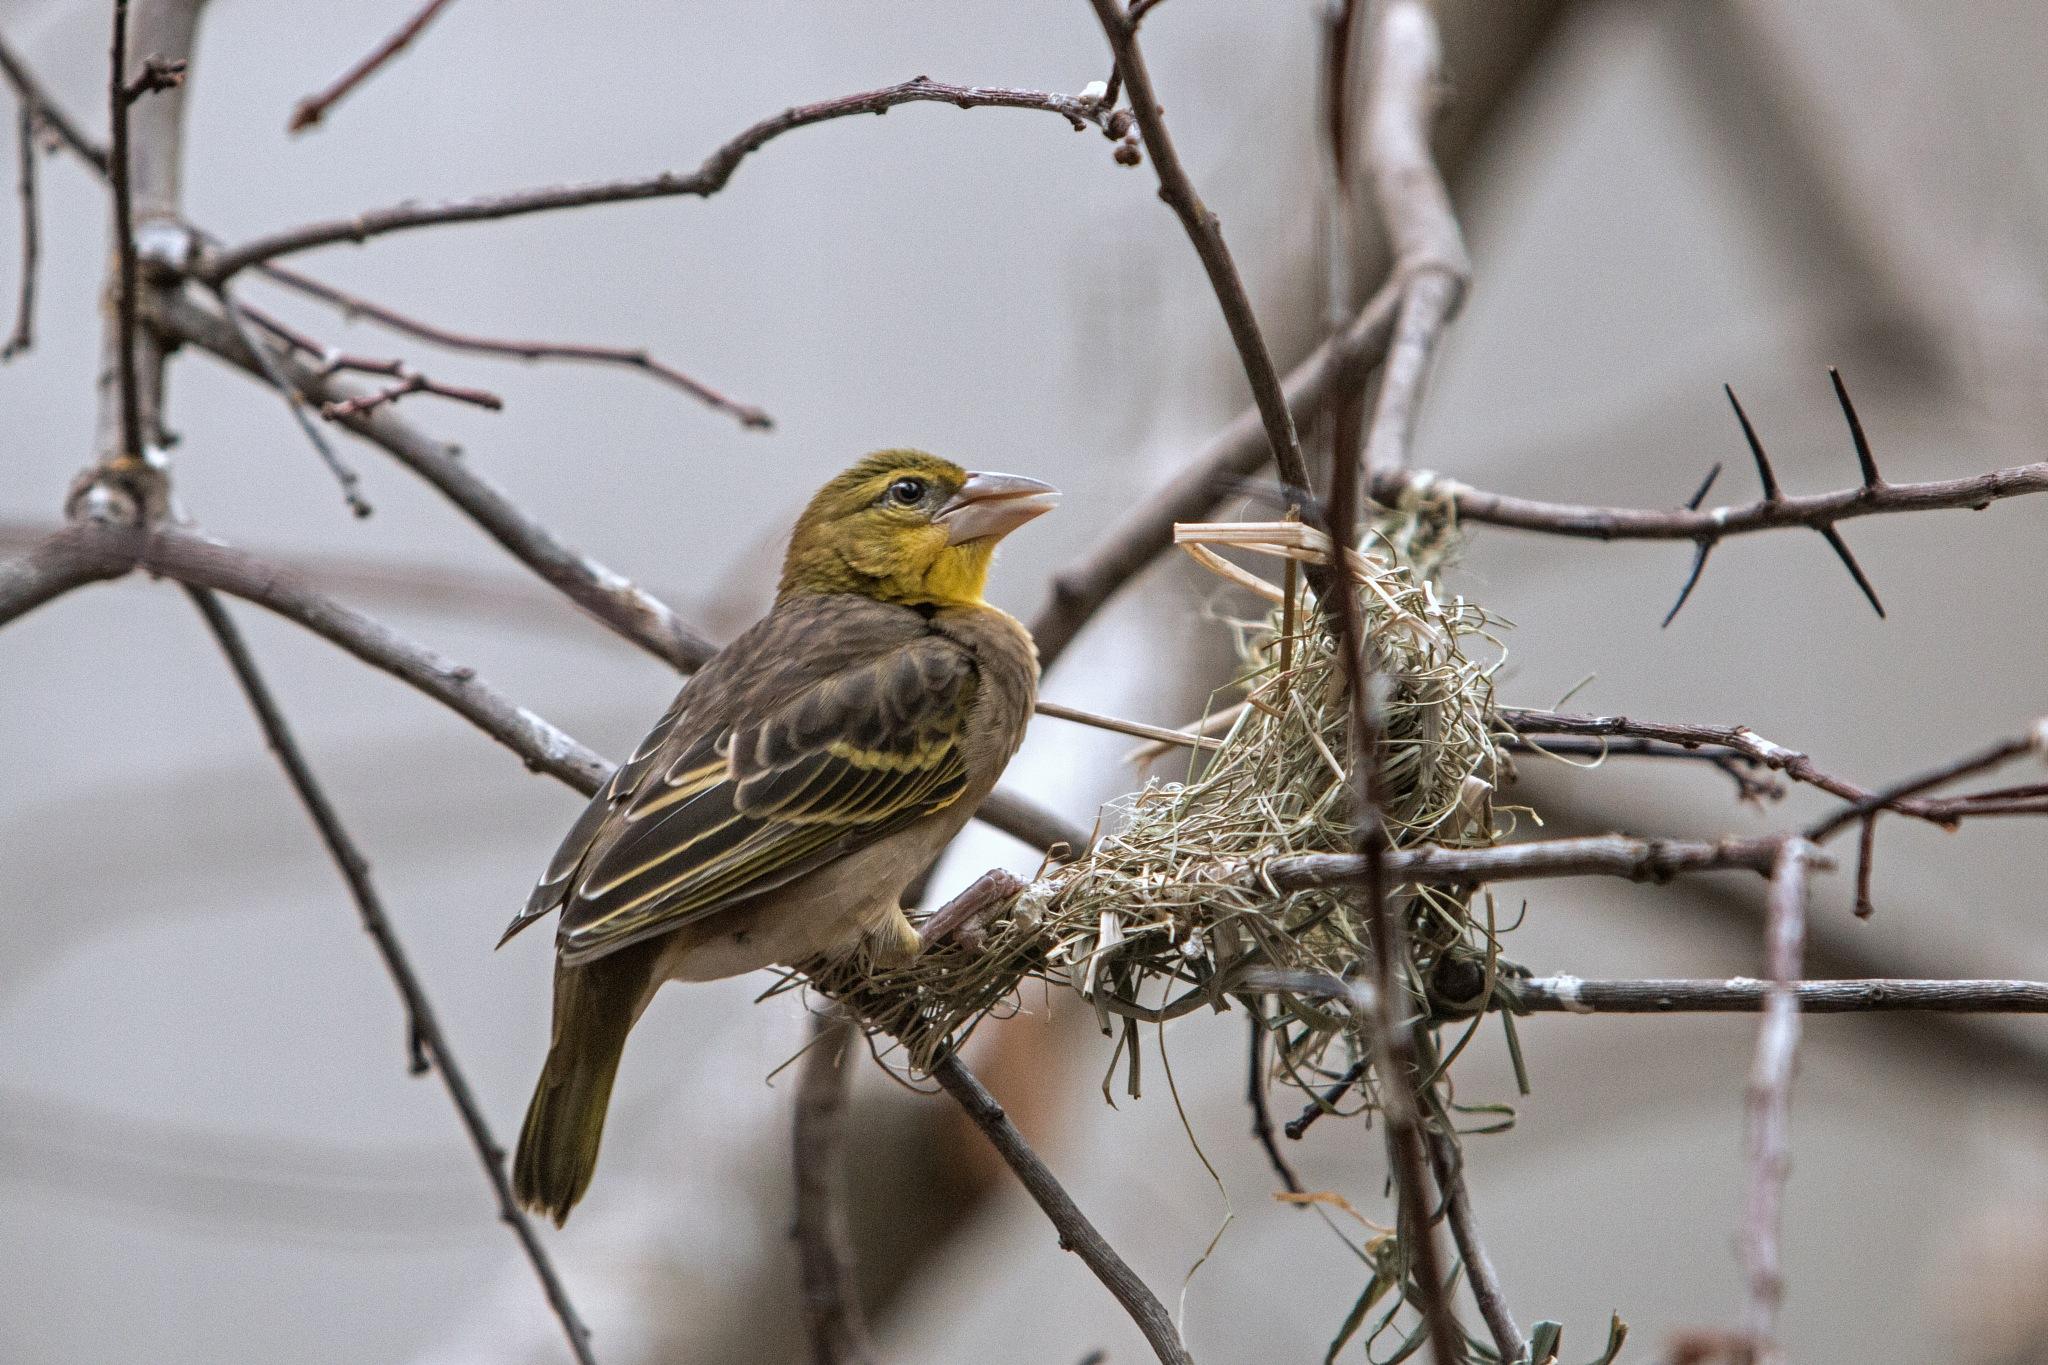 Bird by Sjaak Buis